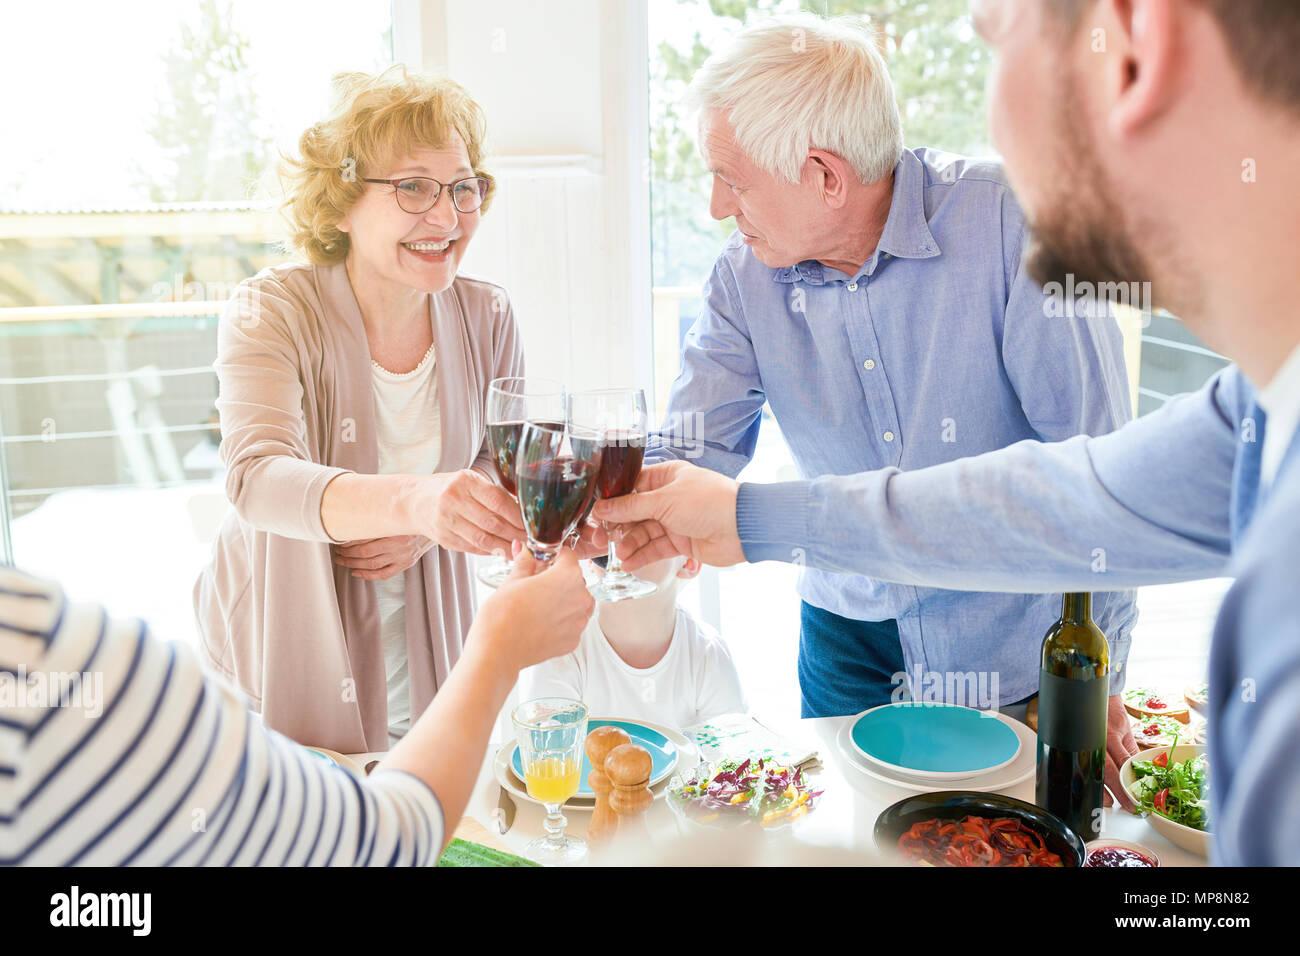 Los abuelos disfrutando de una celebración familiar Imagen De Stock